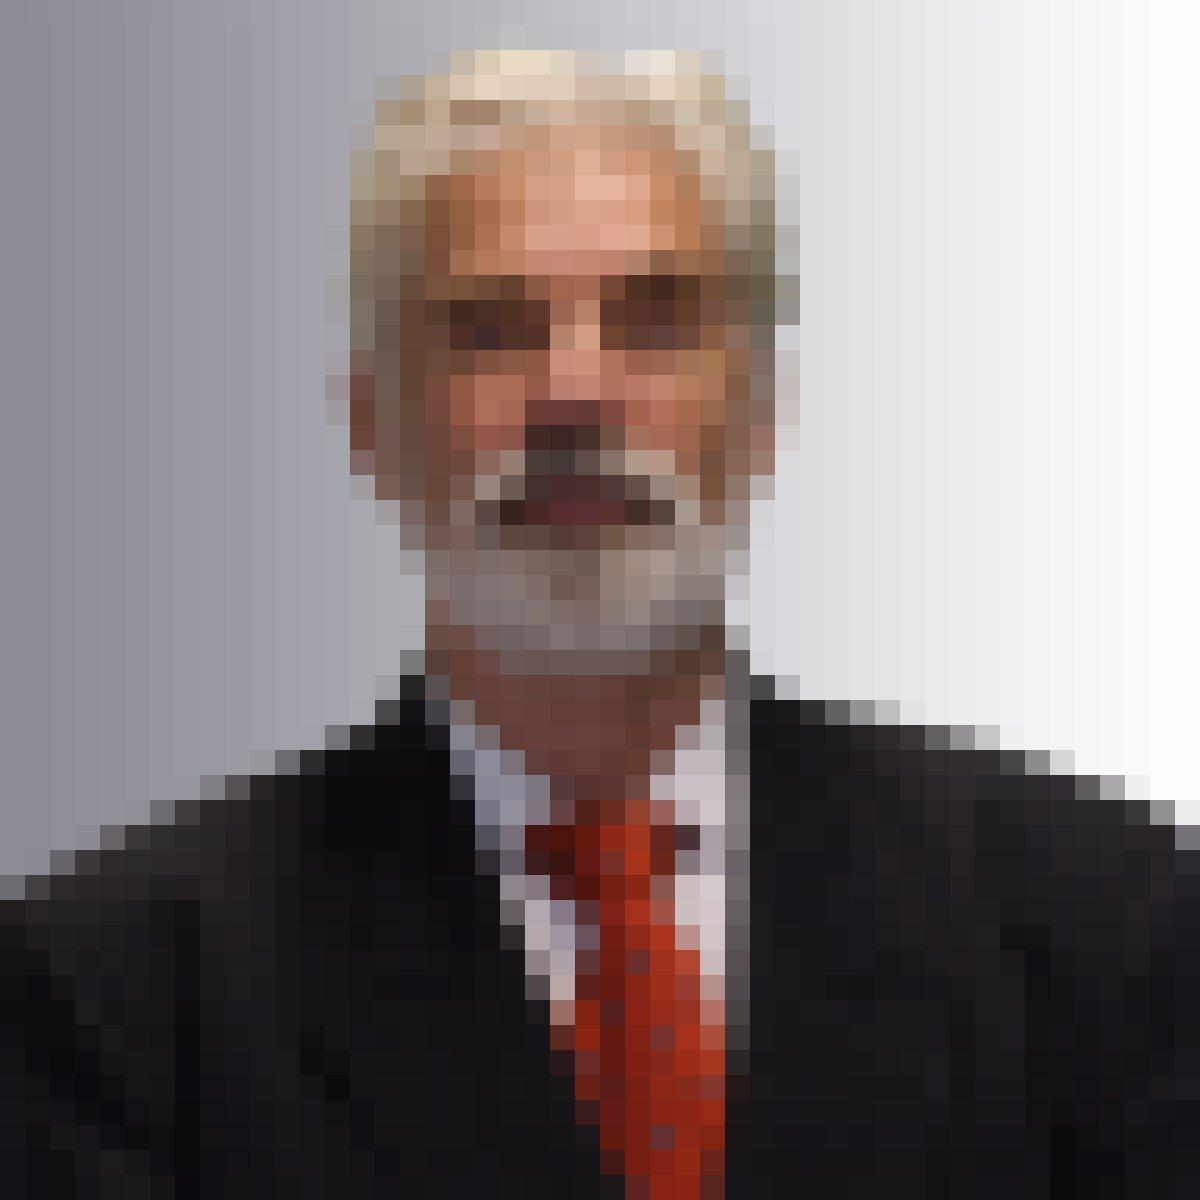 Das Bild zeigt einen weißhaarigen Mann mit Vollbart im Anzug mit roter Krawatte.